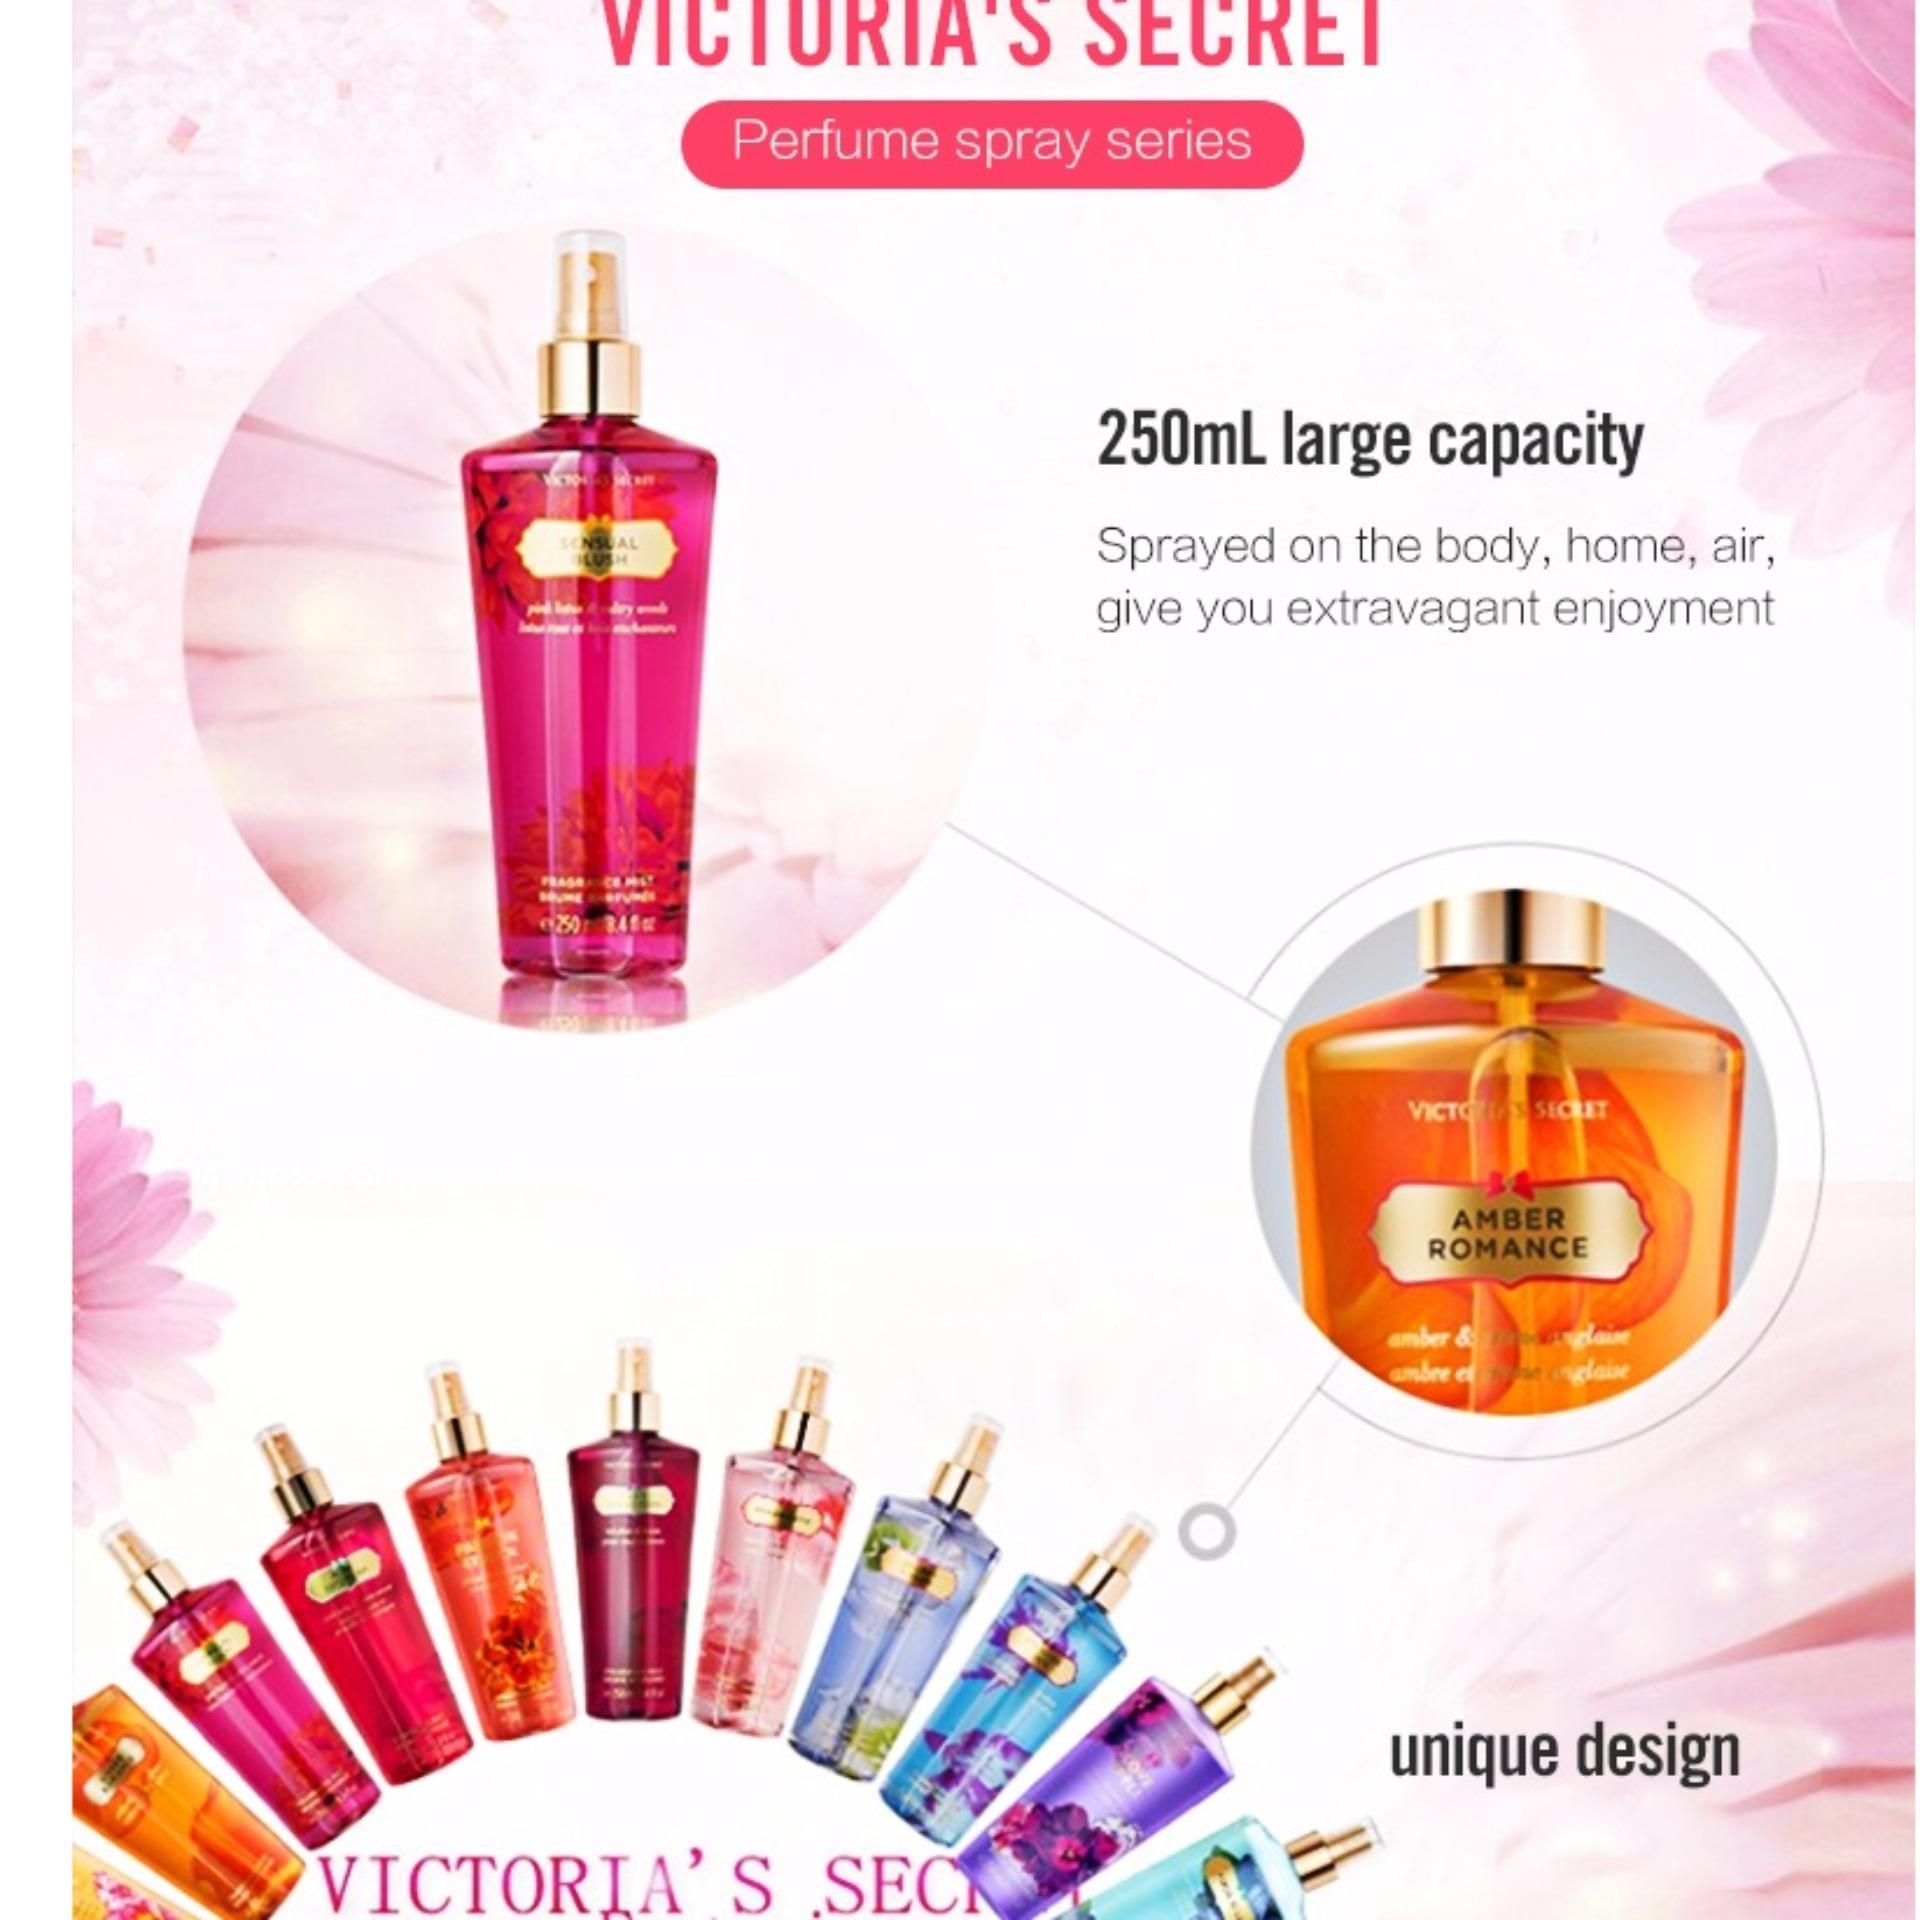 d389f237973 ... Victoria s Secret Pure Seduction Fragrance Body Mist 250ML - thumbnail